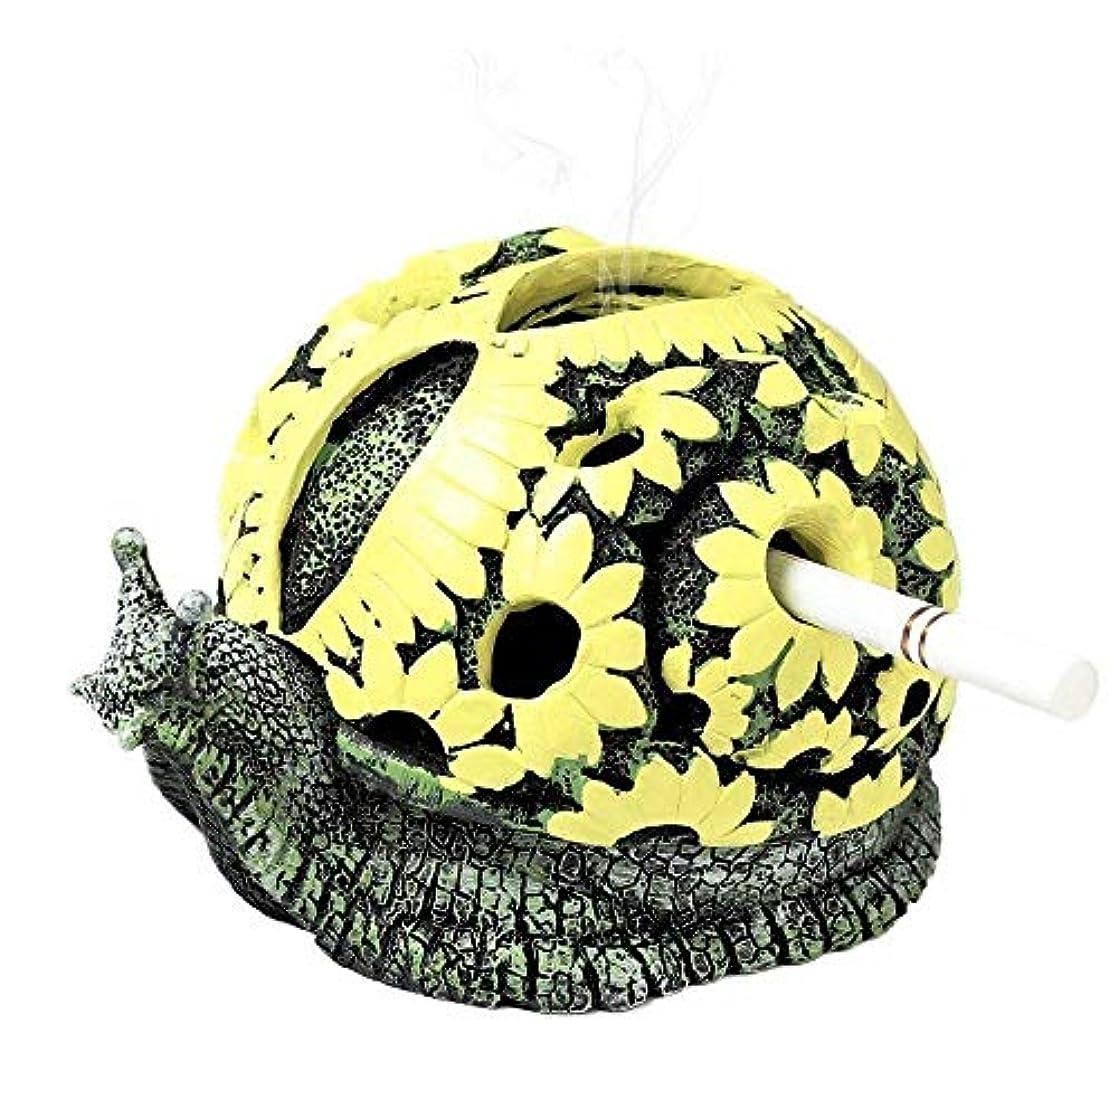 モーテル植物学者偏見モンスター灰皿クリエイティブカタツムリ灰皿工芸品の装飾クリエイティブタートル灰皿 (色 : Escargot)